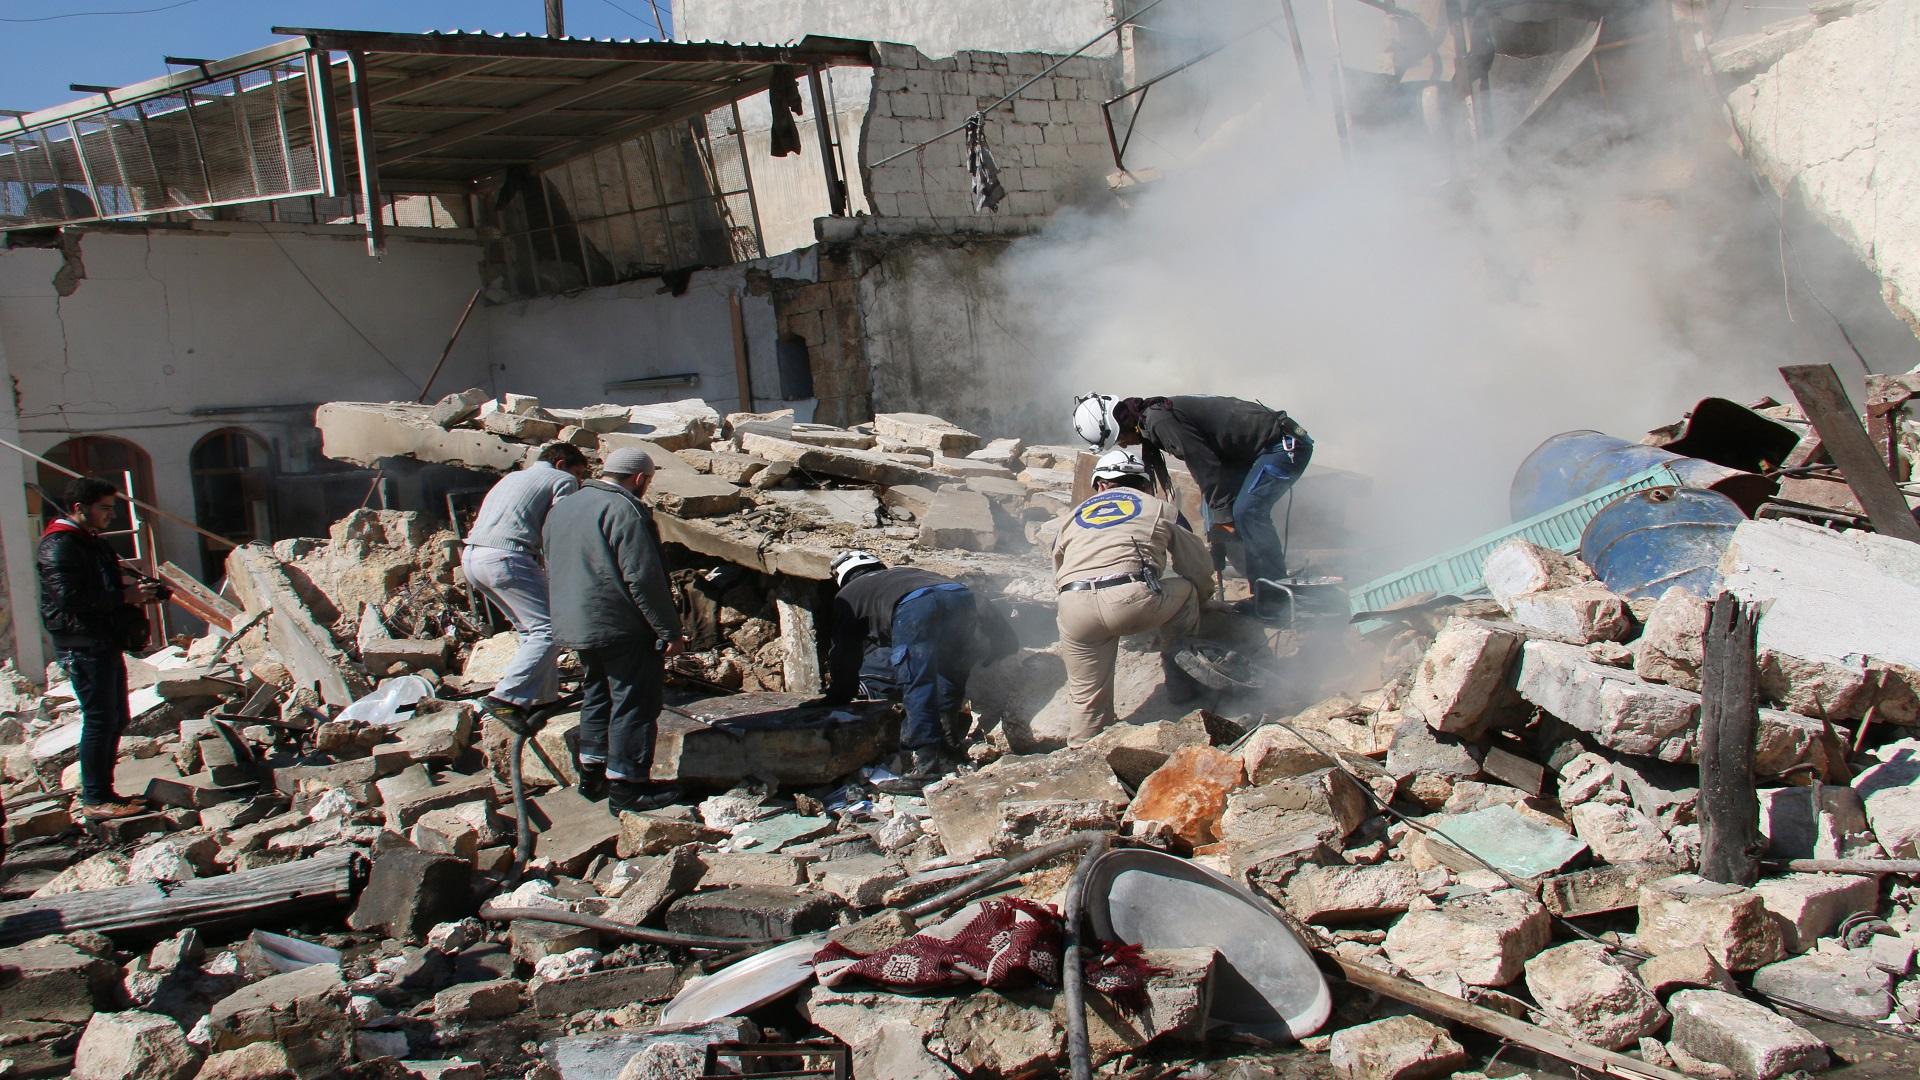 نشرة أخبار سوريا- روسيا تعلن هدنة (إنسانية) في حلب لمدة 10 ساعات تبدأ من صباح الجمعة، وتطالب